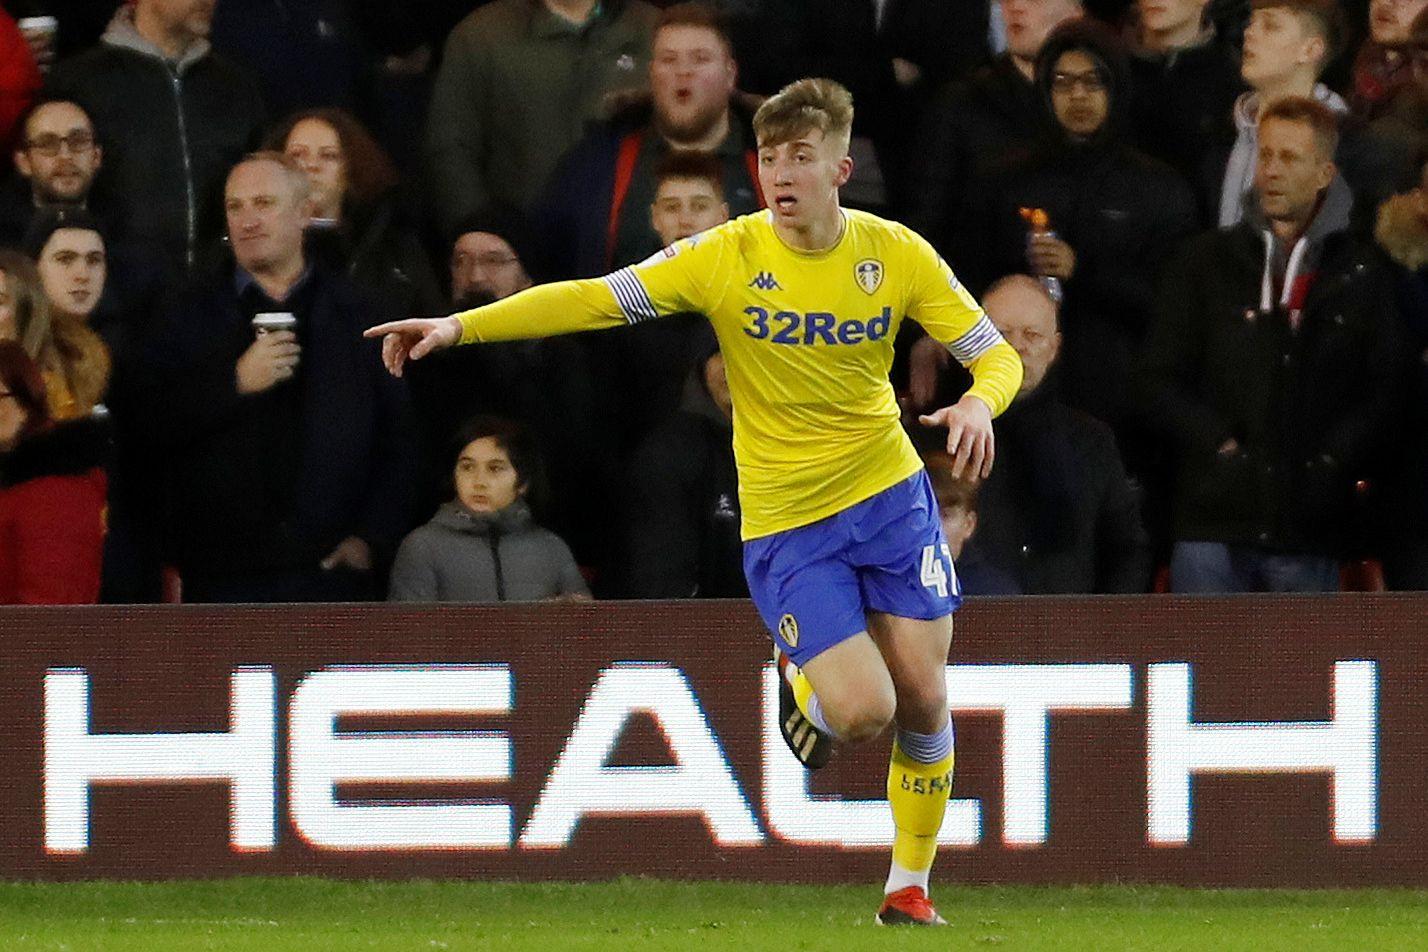 Jovem jogador do Leeds colapsa no banco e vai de emergência para hospital